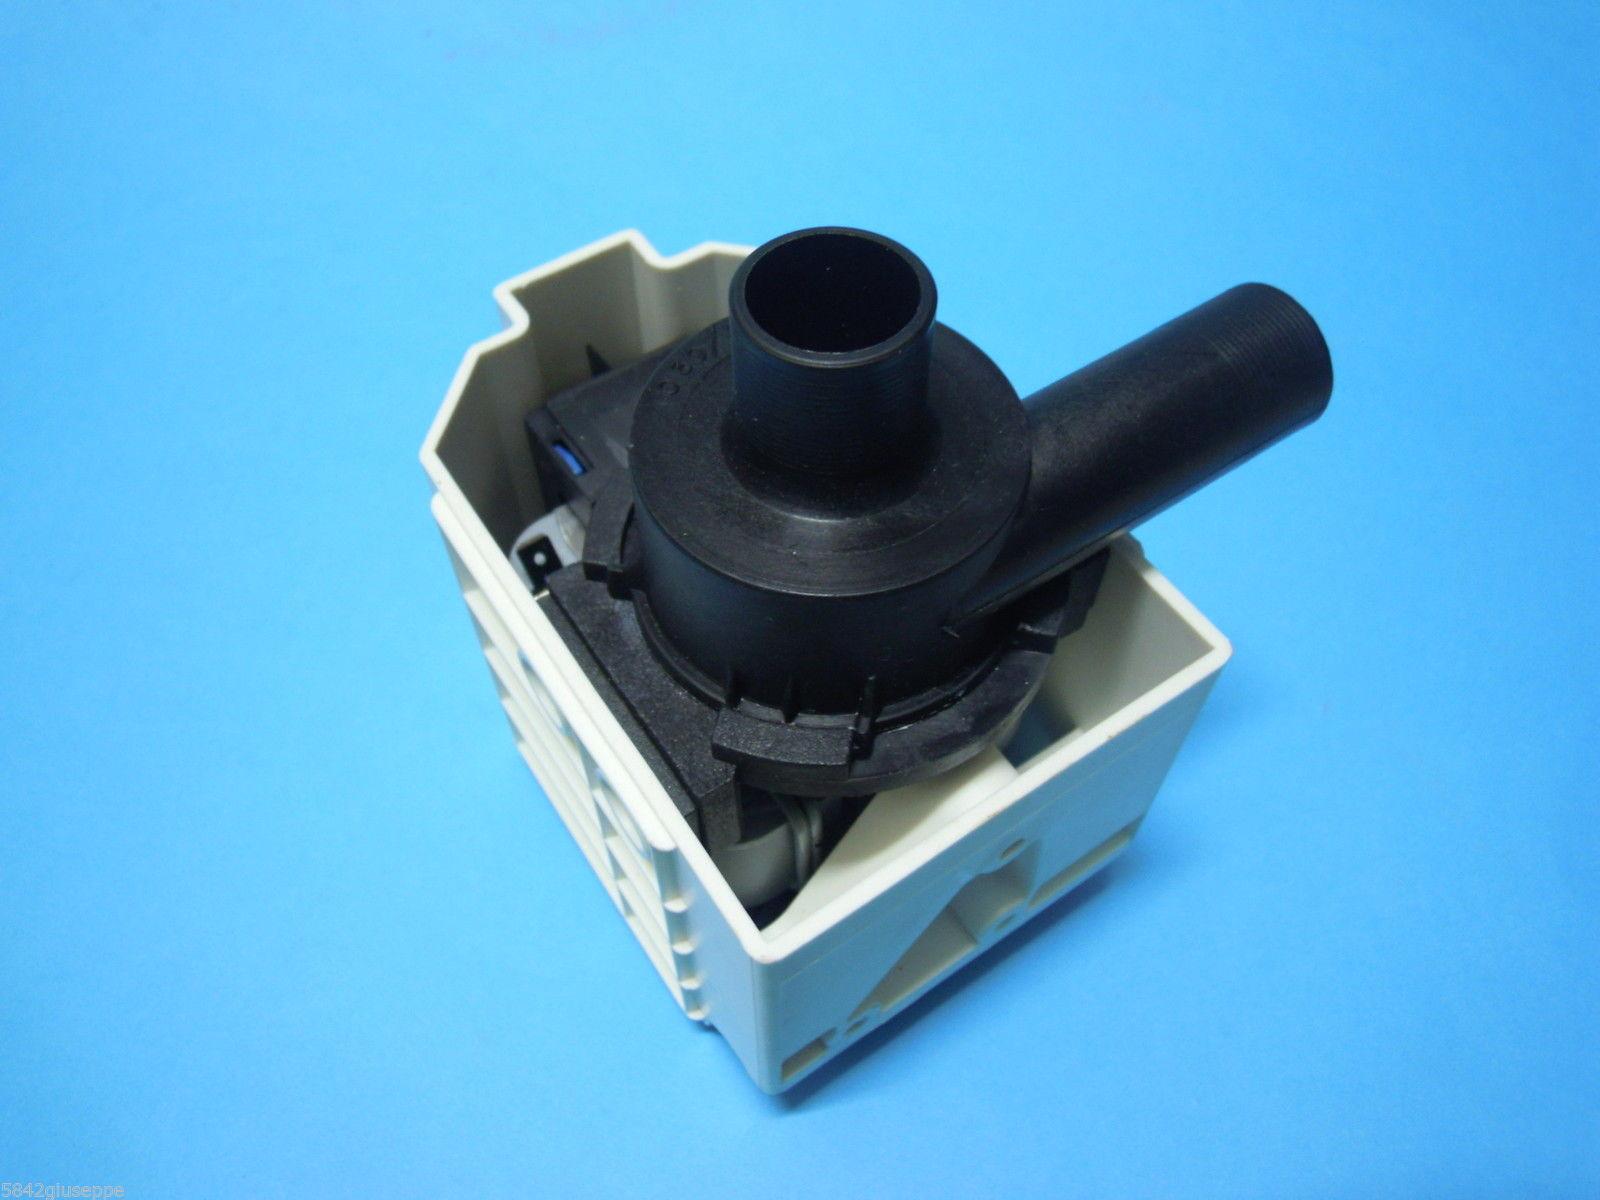 Forniture elettriche per pompe scarico - Lavatrice daewoo ...